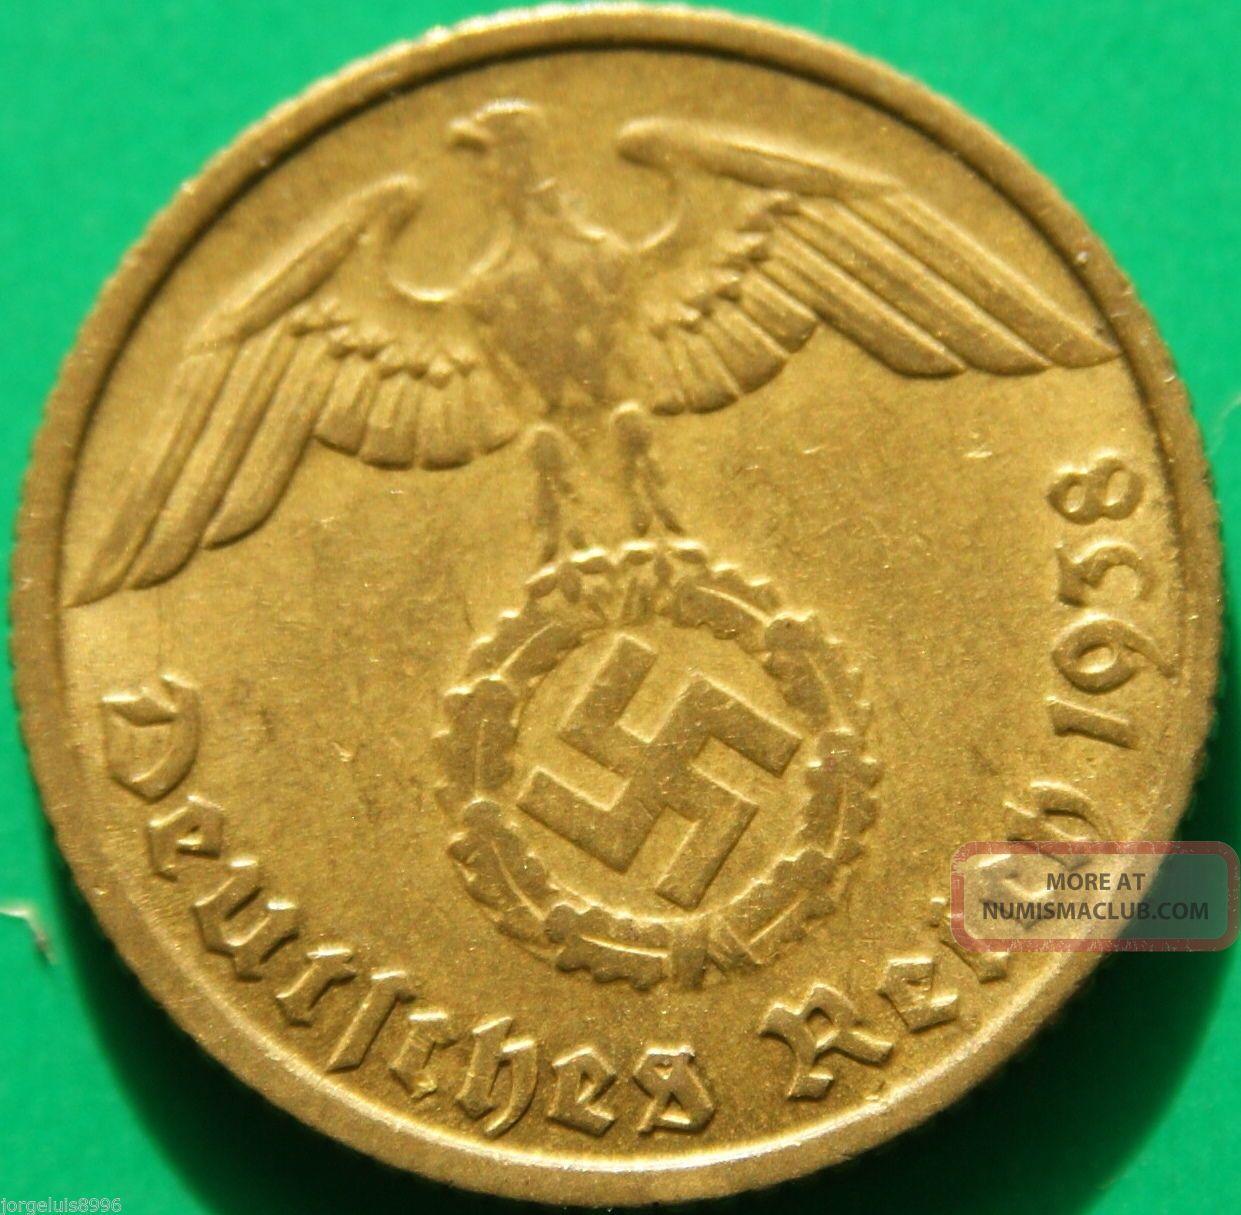 German Nazi Brass Coin 10 Rp 1938 E